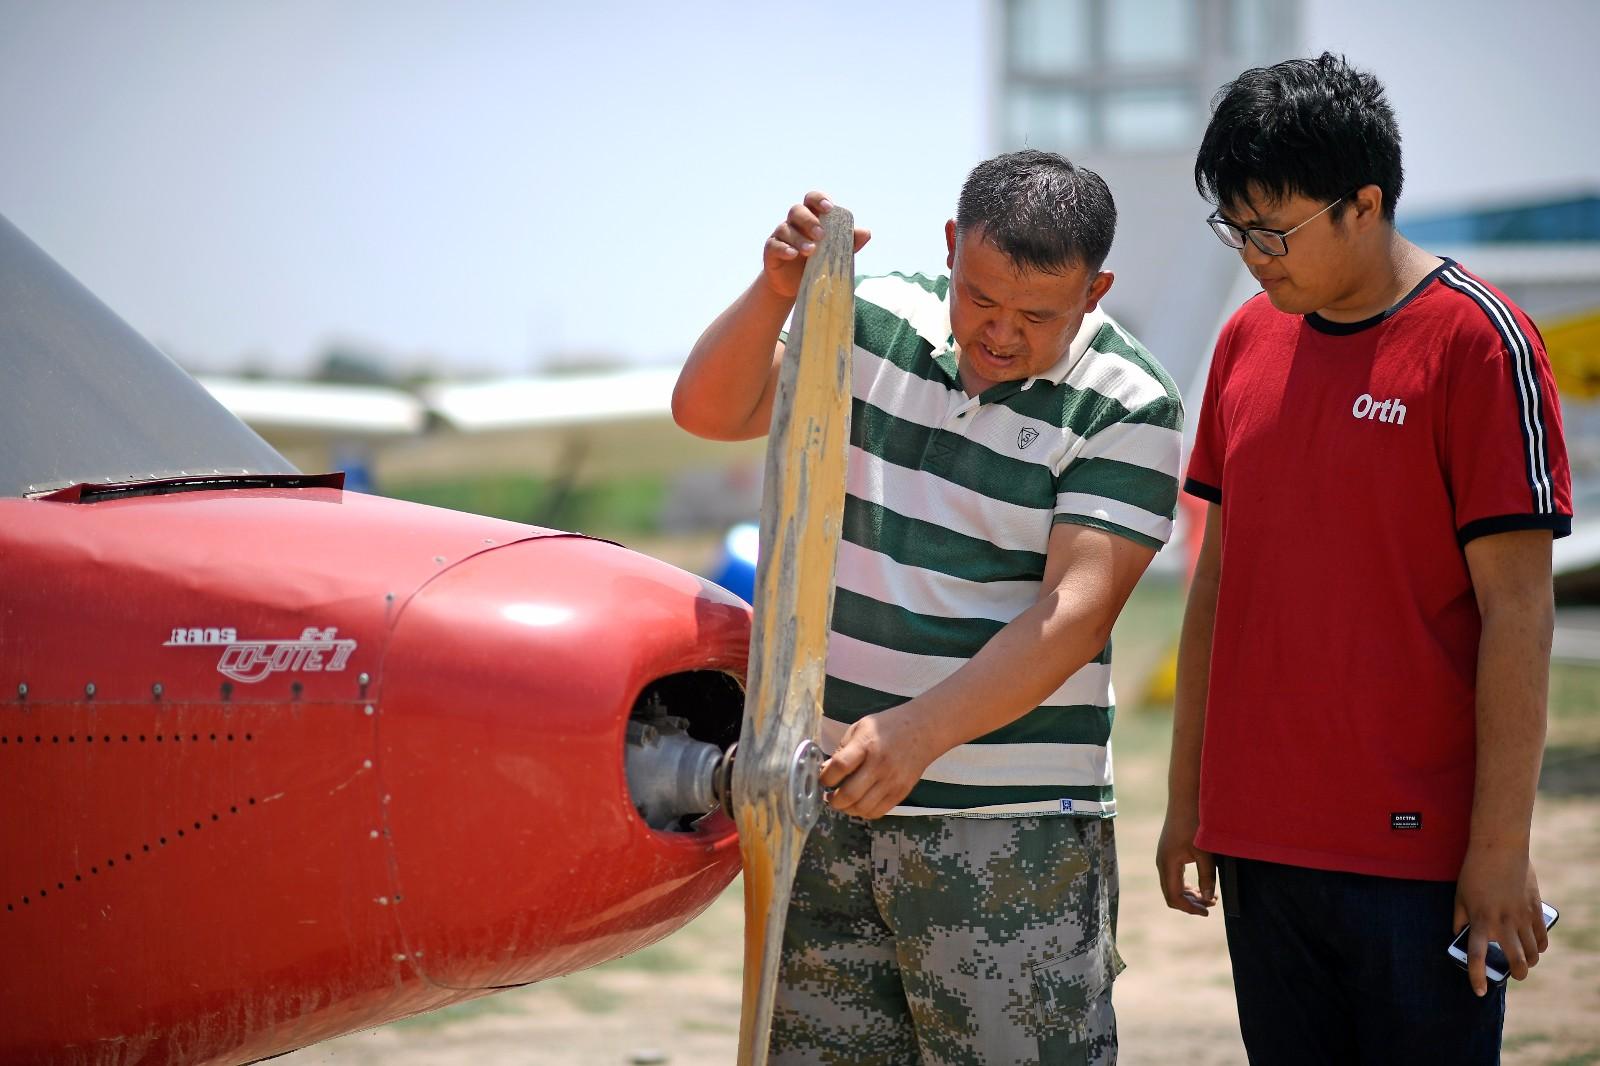 刘亦兵(左)在飞行营地与儿子交流飞机技术知识(6月21日摄)。